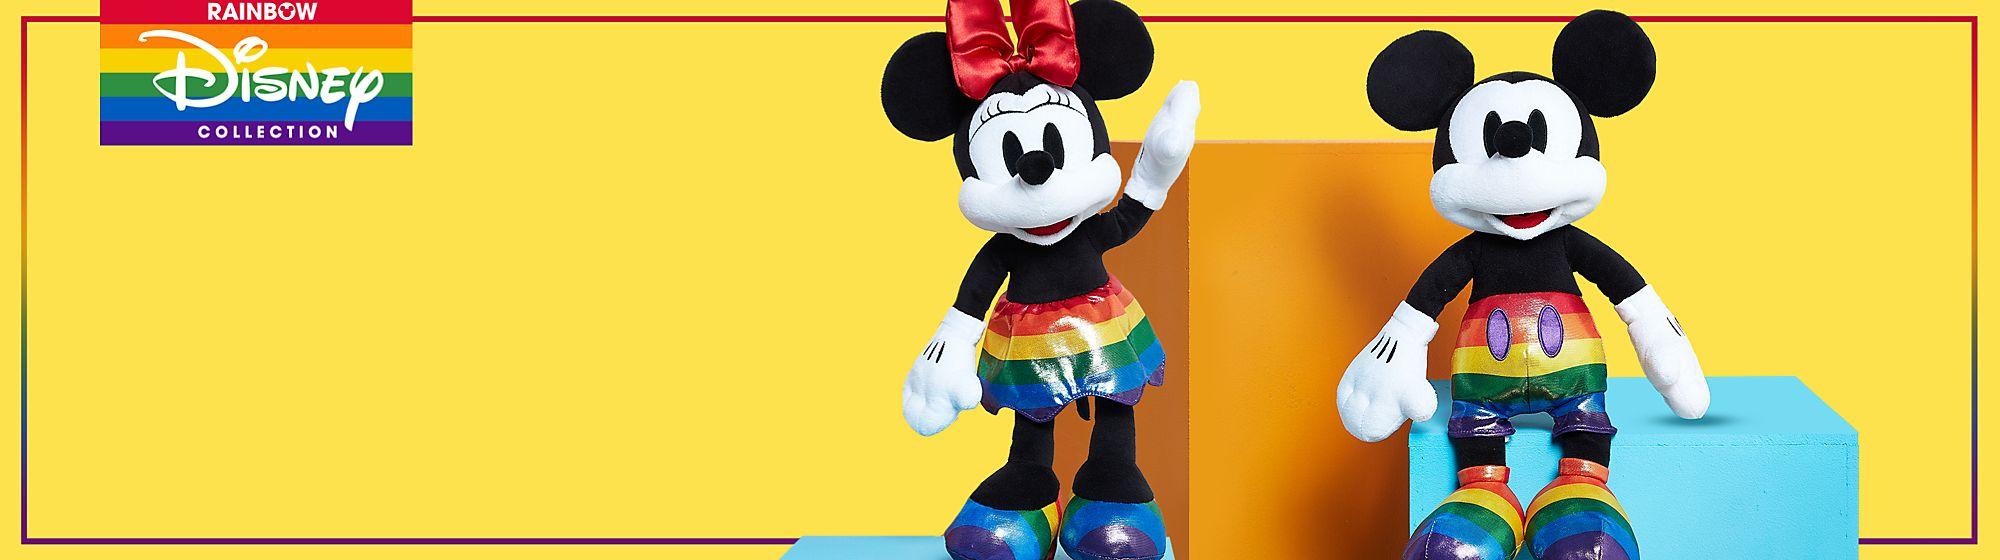 Colección Disney Rainbow Para celebrar el Pride Month 2021, Disney está donando fondos para apoyar a las comunidades LGBTQ+.